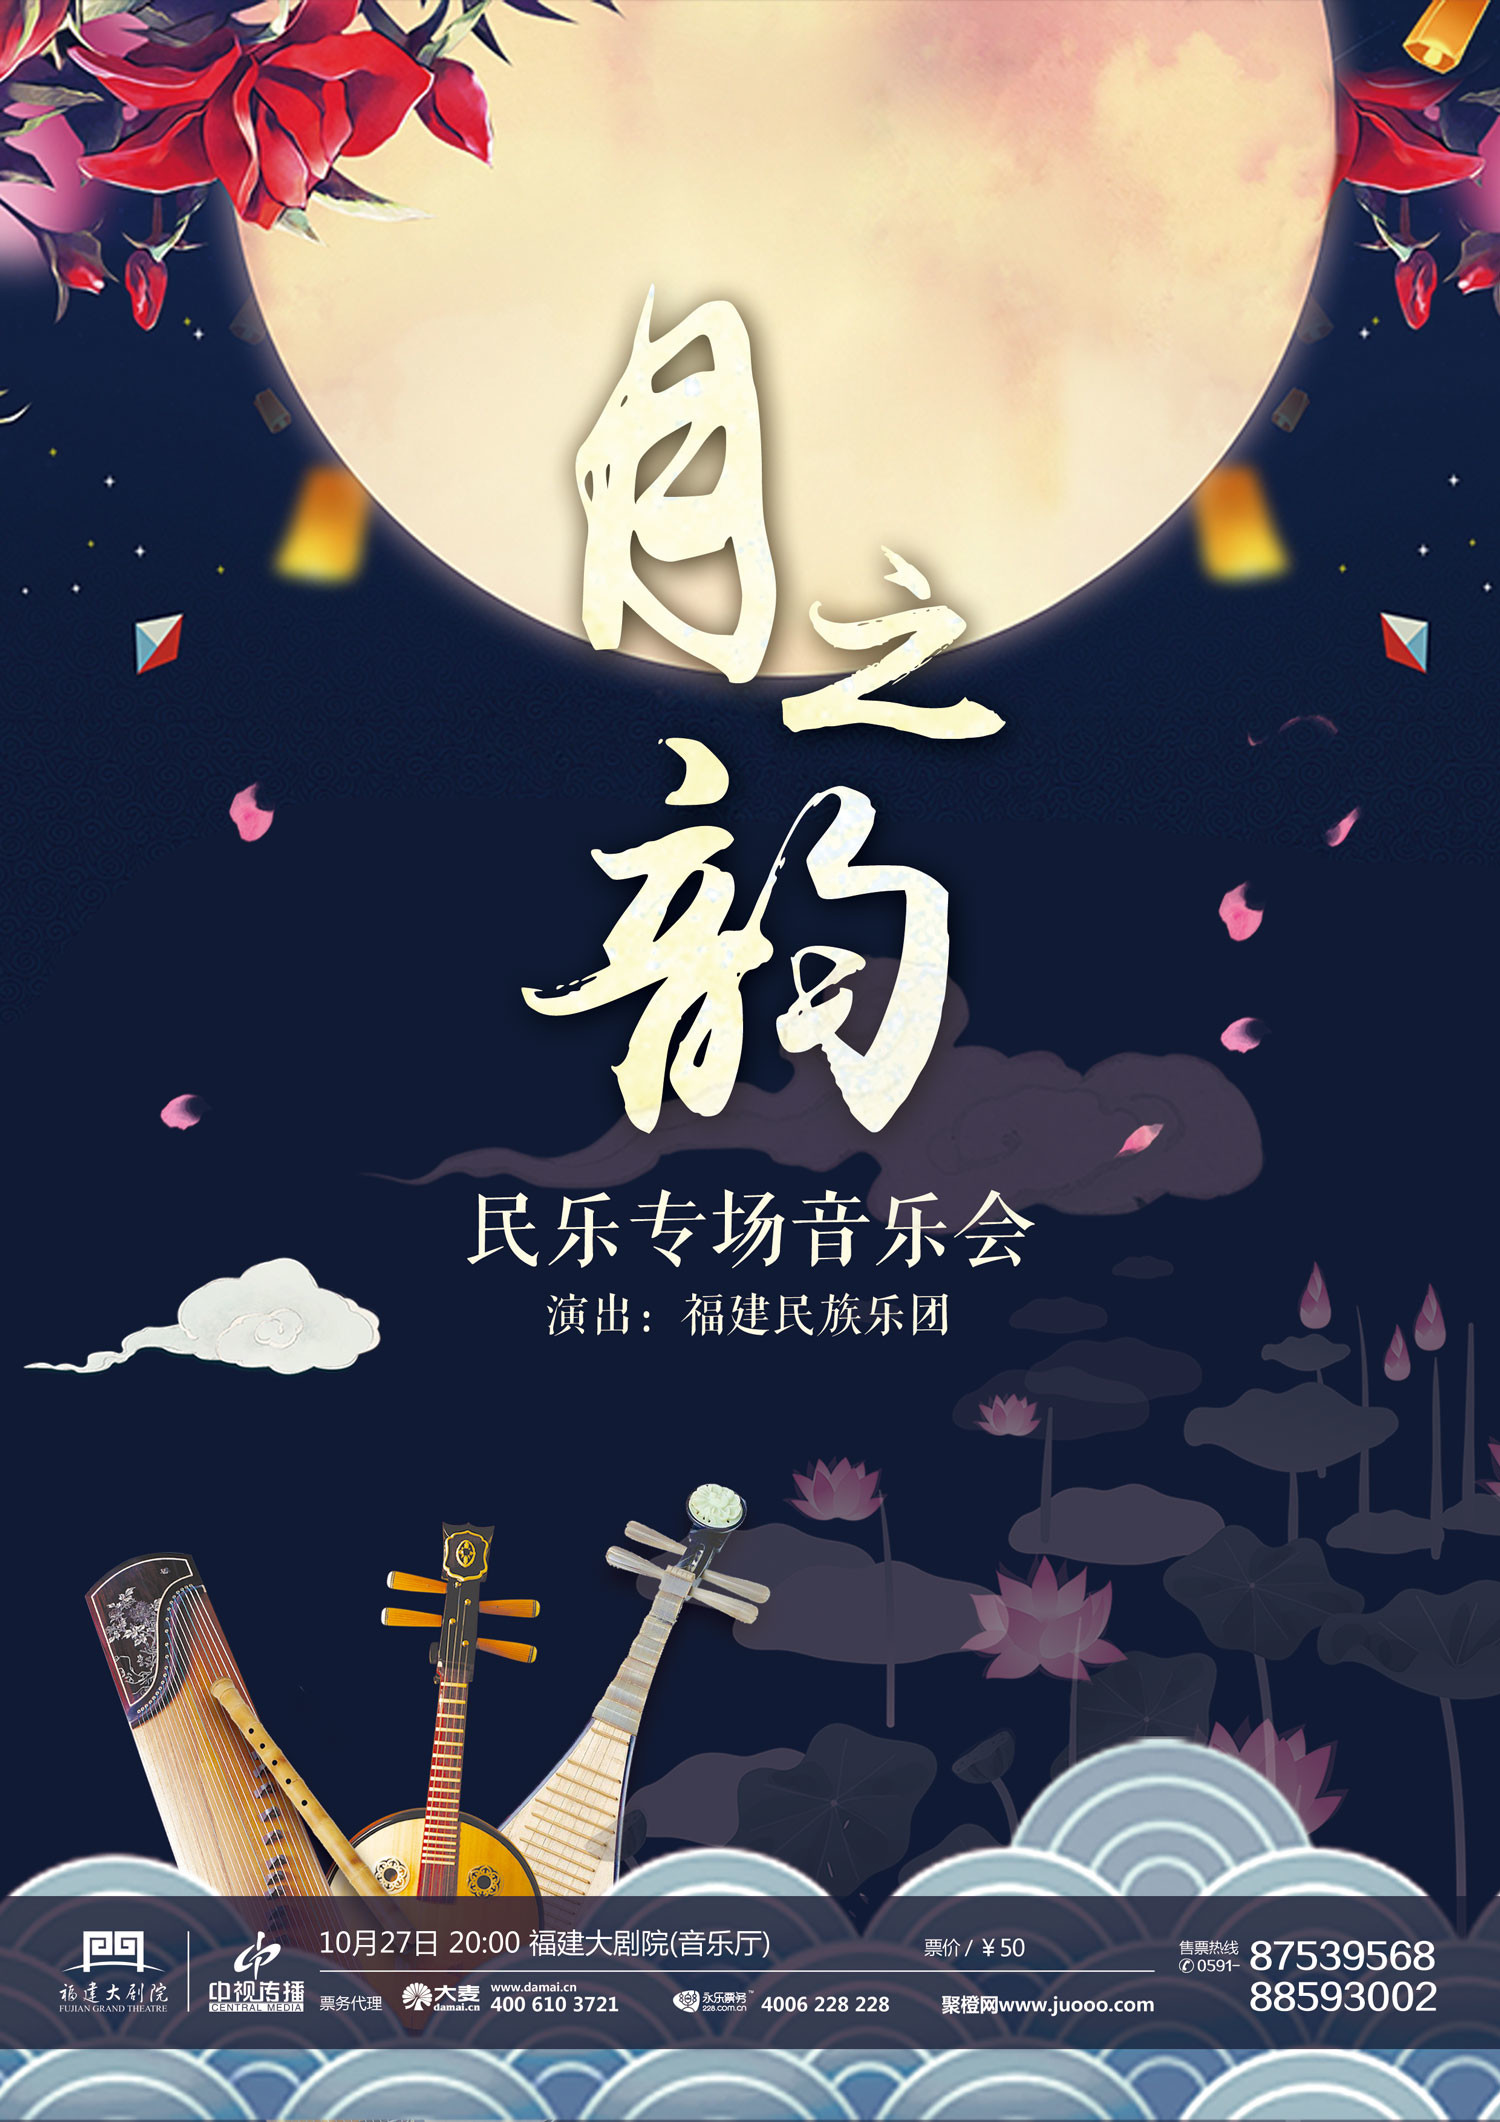 《月之韵》民乐专场音乐会